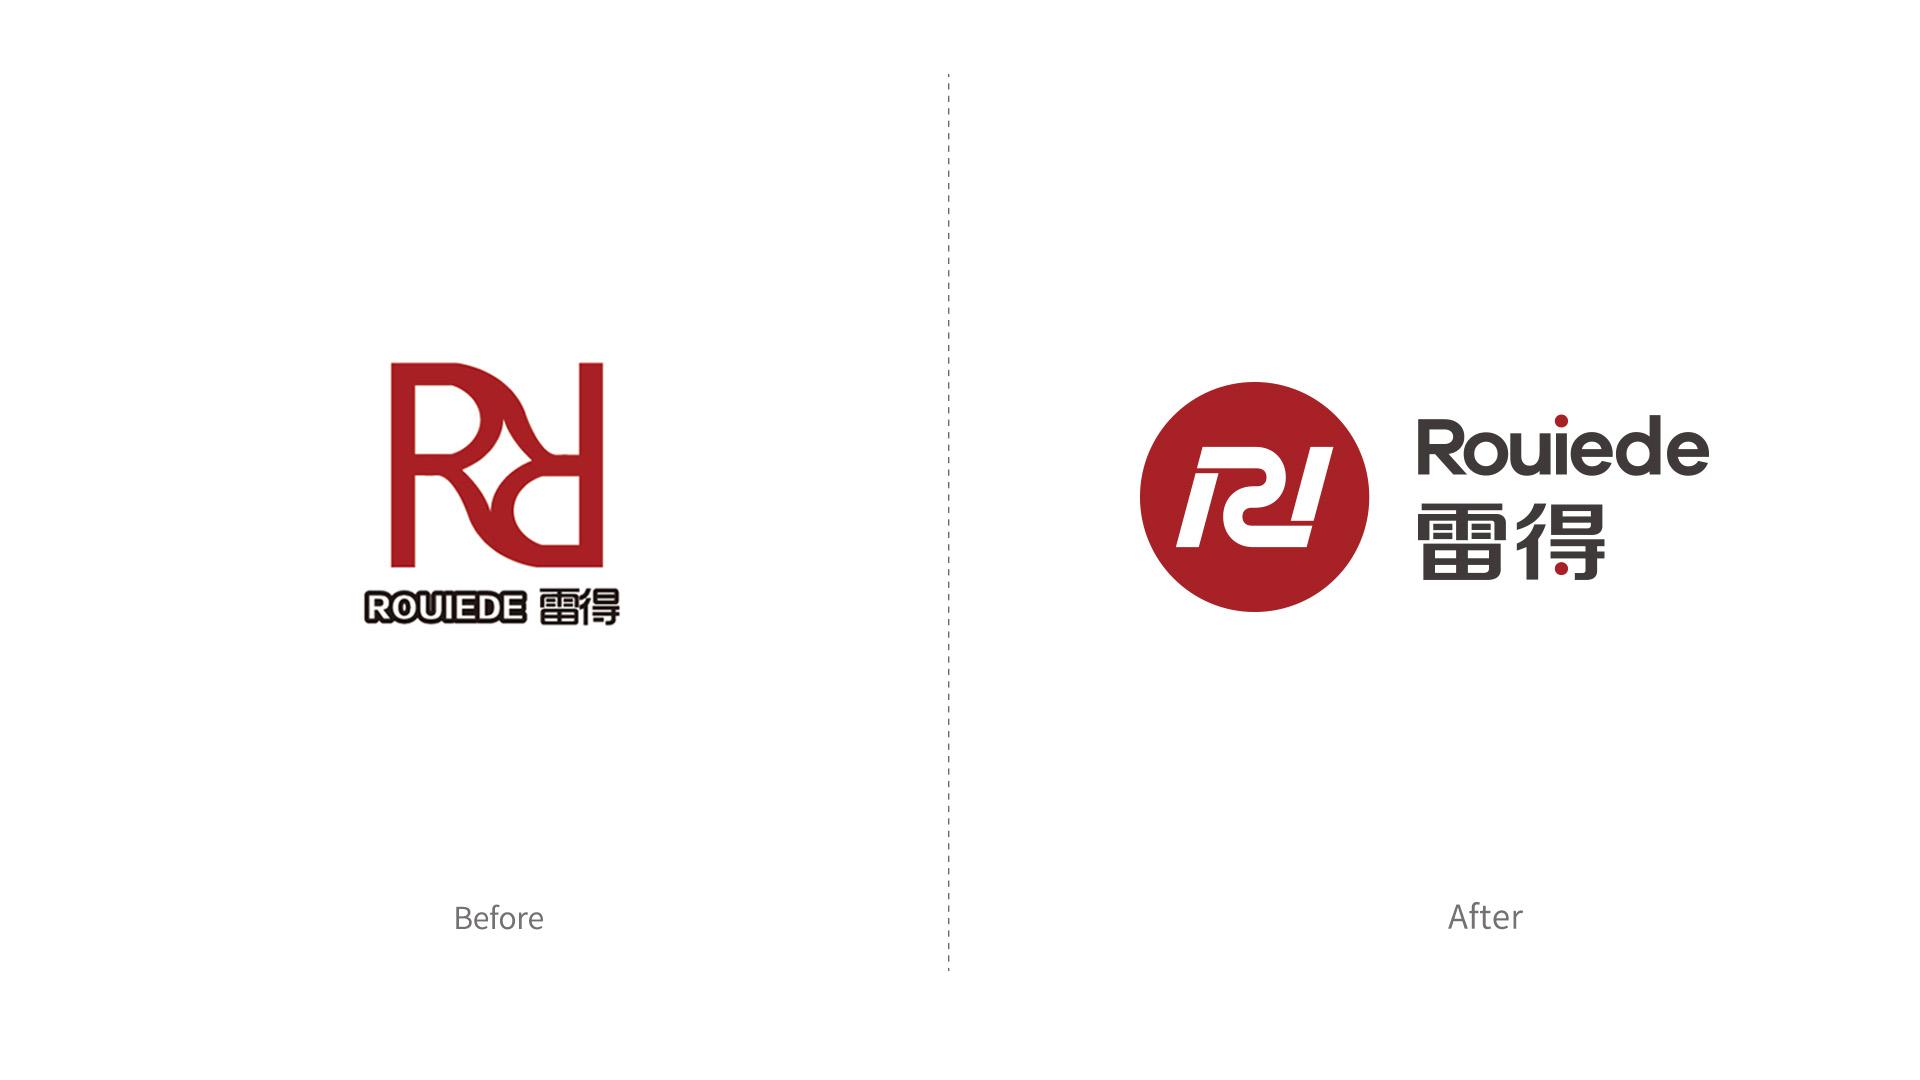 雷得电磁炉品牌形象改造升级logo设计